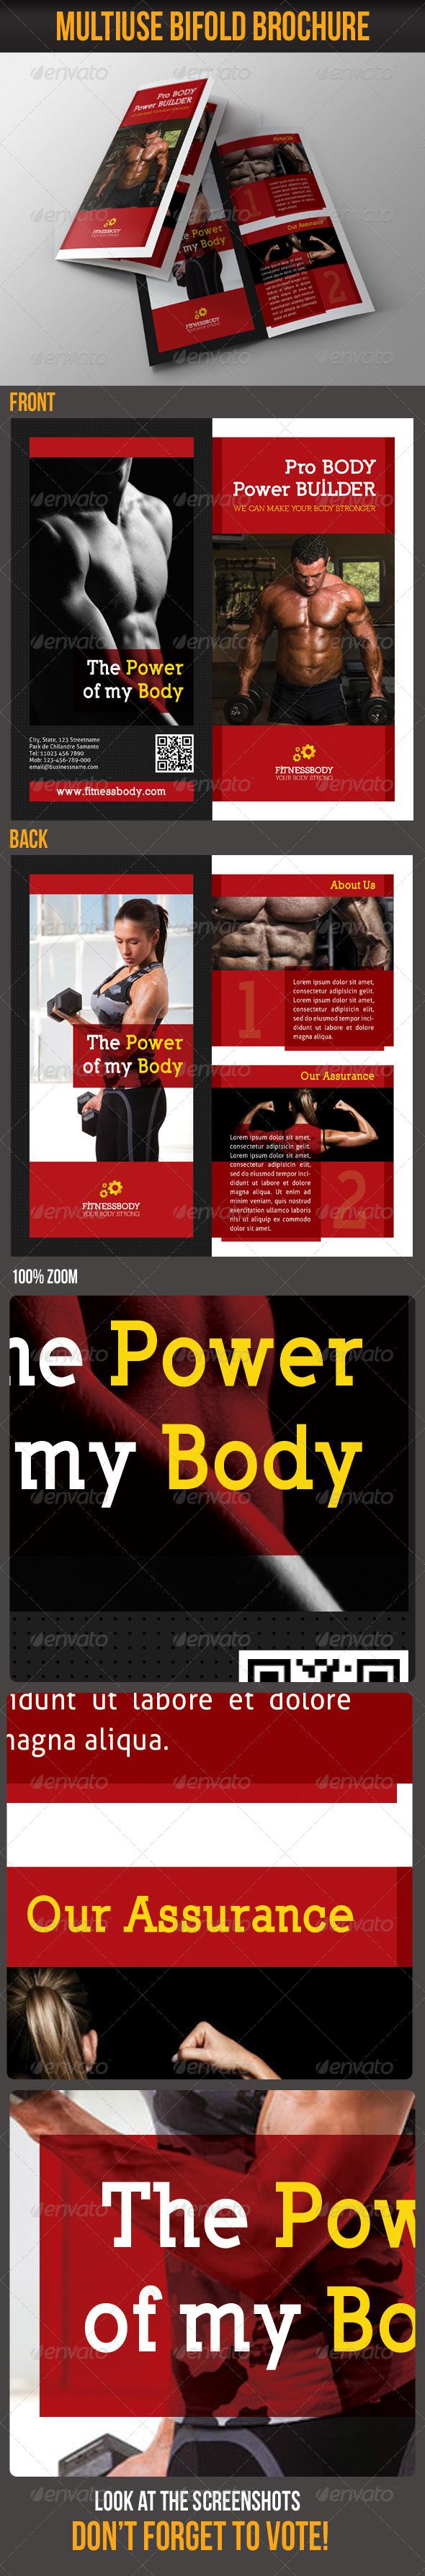 Multiuse Bifold Brochure 08 - Corporate Brochures